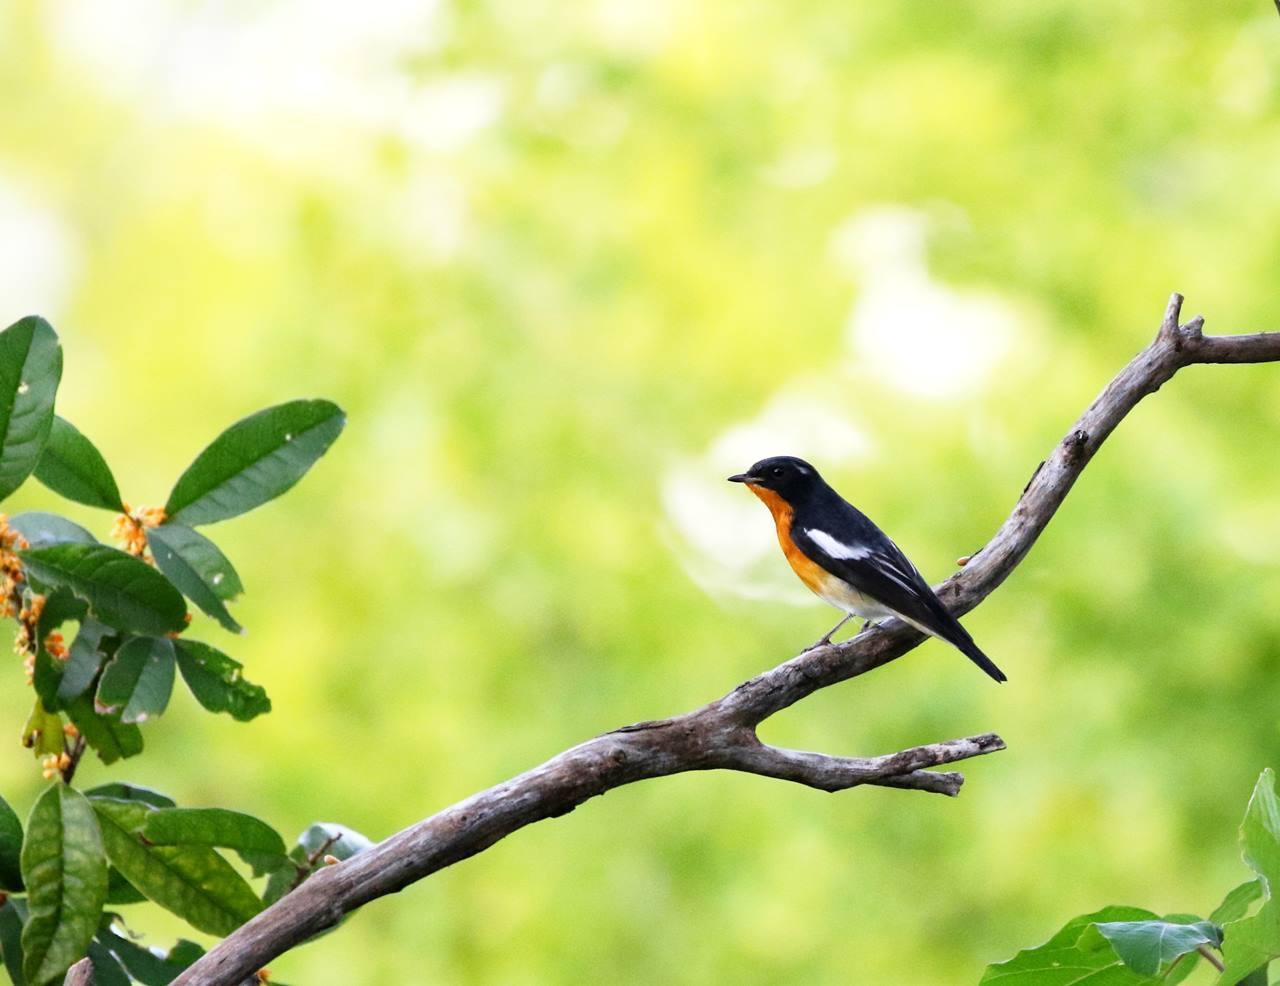 やっとムギマキ♂成鳥に出会う(その1)_c0213607_22355996.jpg